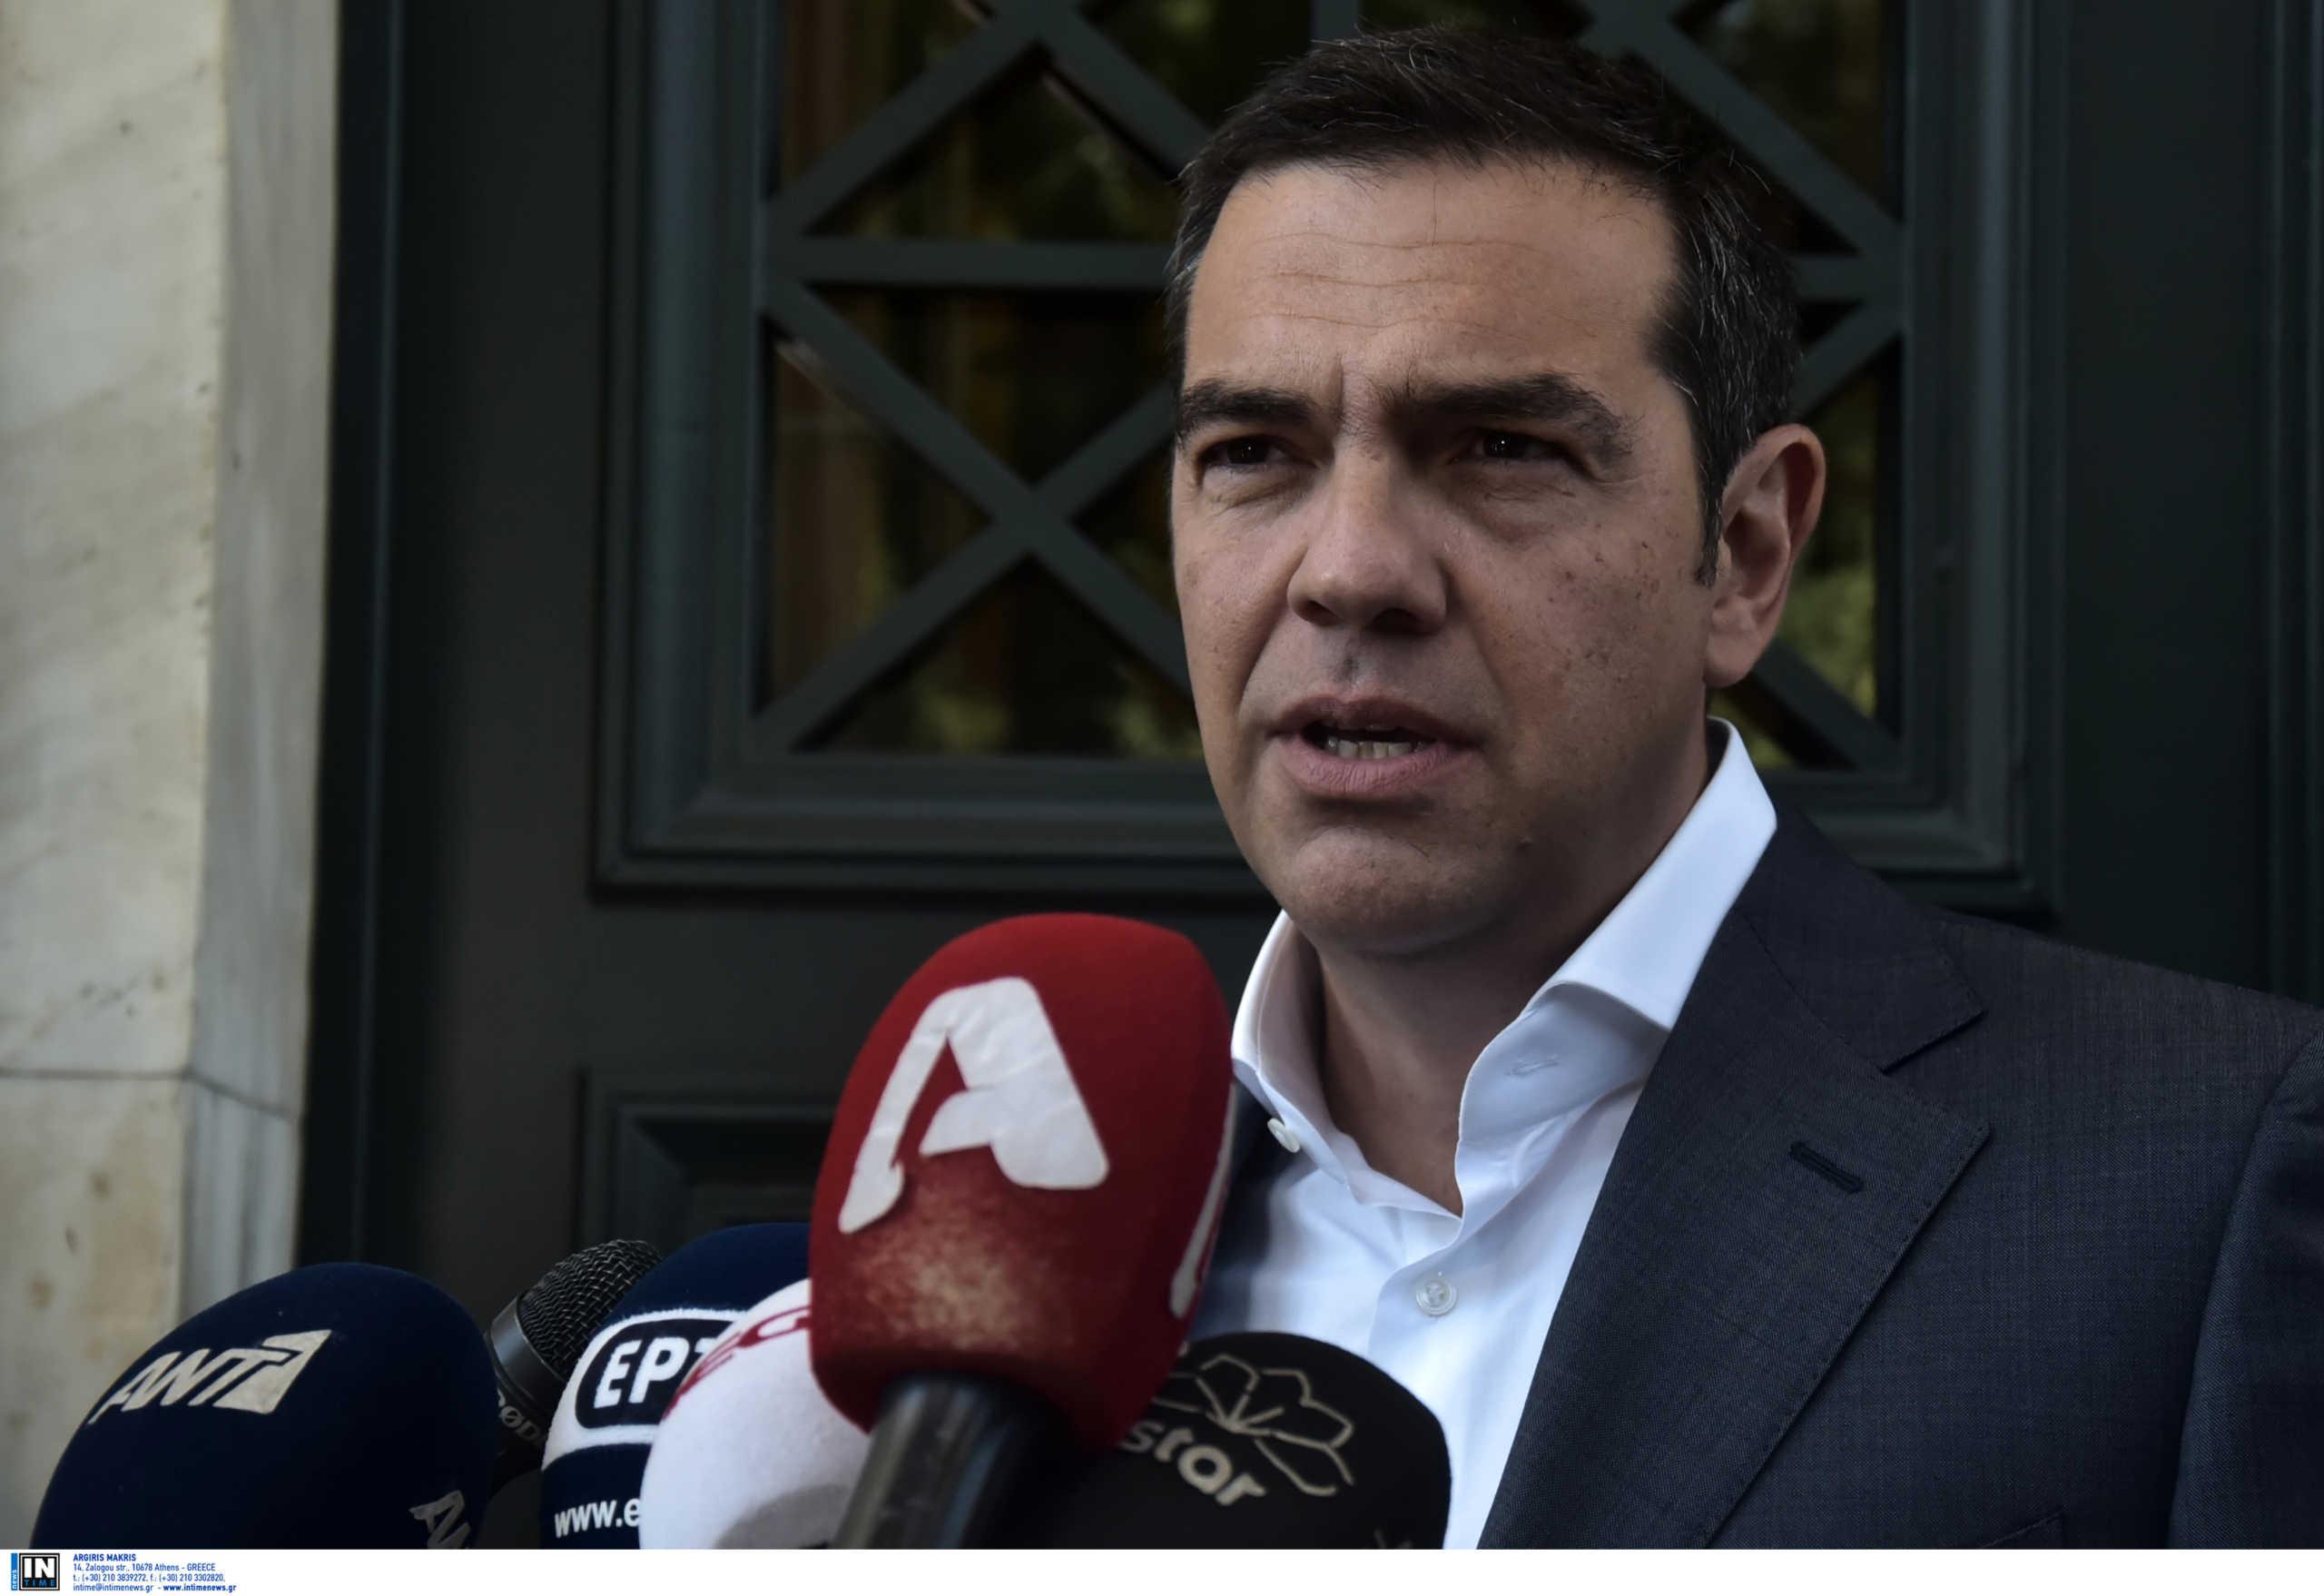 Τσίπρας: Θέλουν να φιμώσουν πως η ΝΔ είναι χρεοκοπημένη και ο Μητσοτάκης κακοπληρωτής